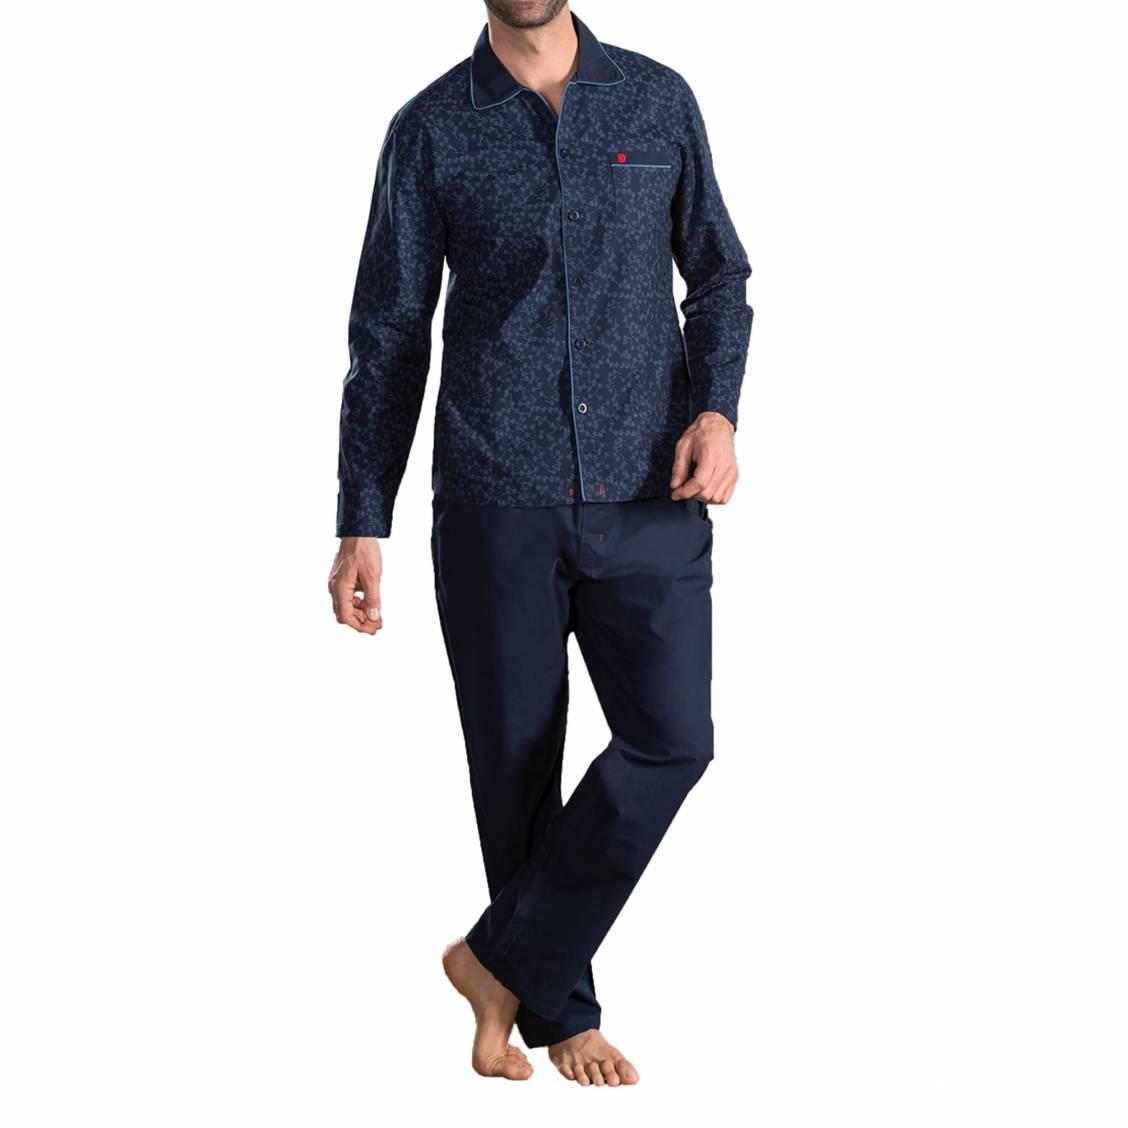 Pyjama long  roman en popeline de coton : chemise bleu marine à motif floral bleu ciel et pantalon bleu marine